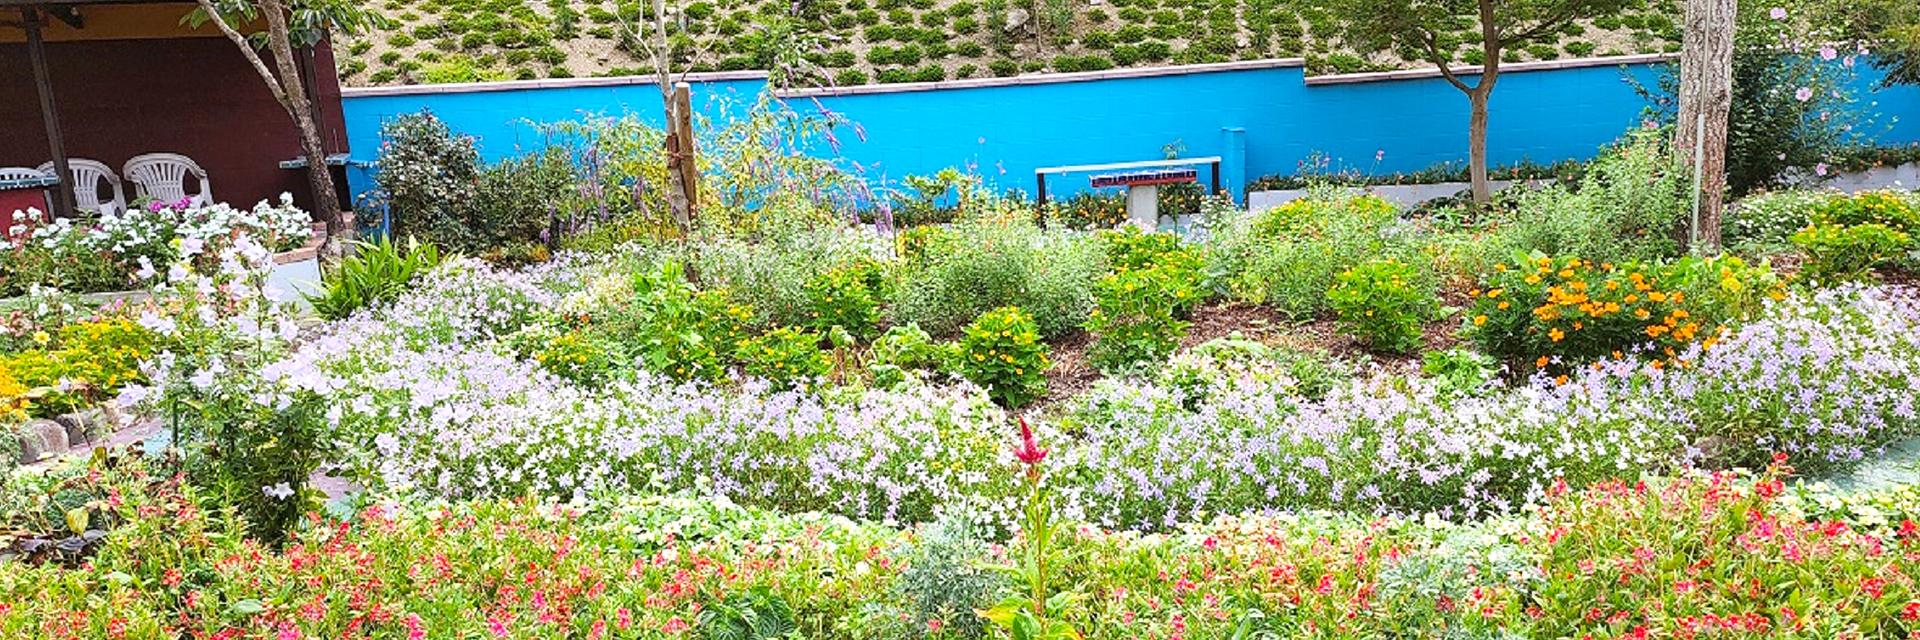 心安らぐ自慢の庭園 四季折々のお花や木々がひとときの安らぎを与えてくれています。